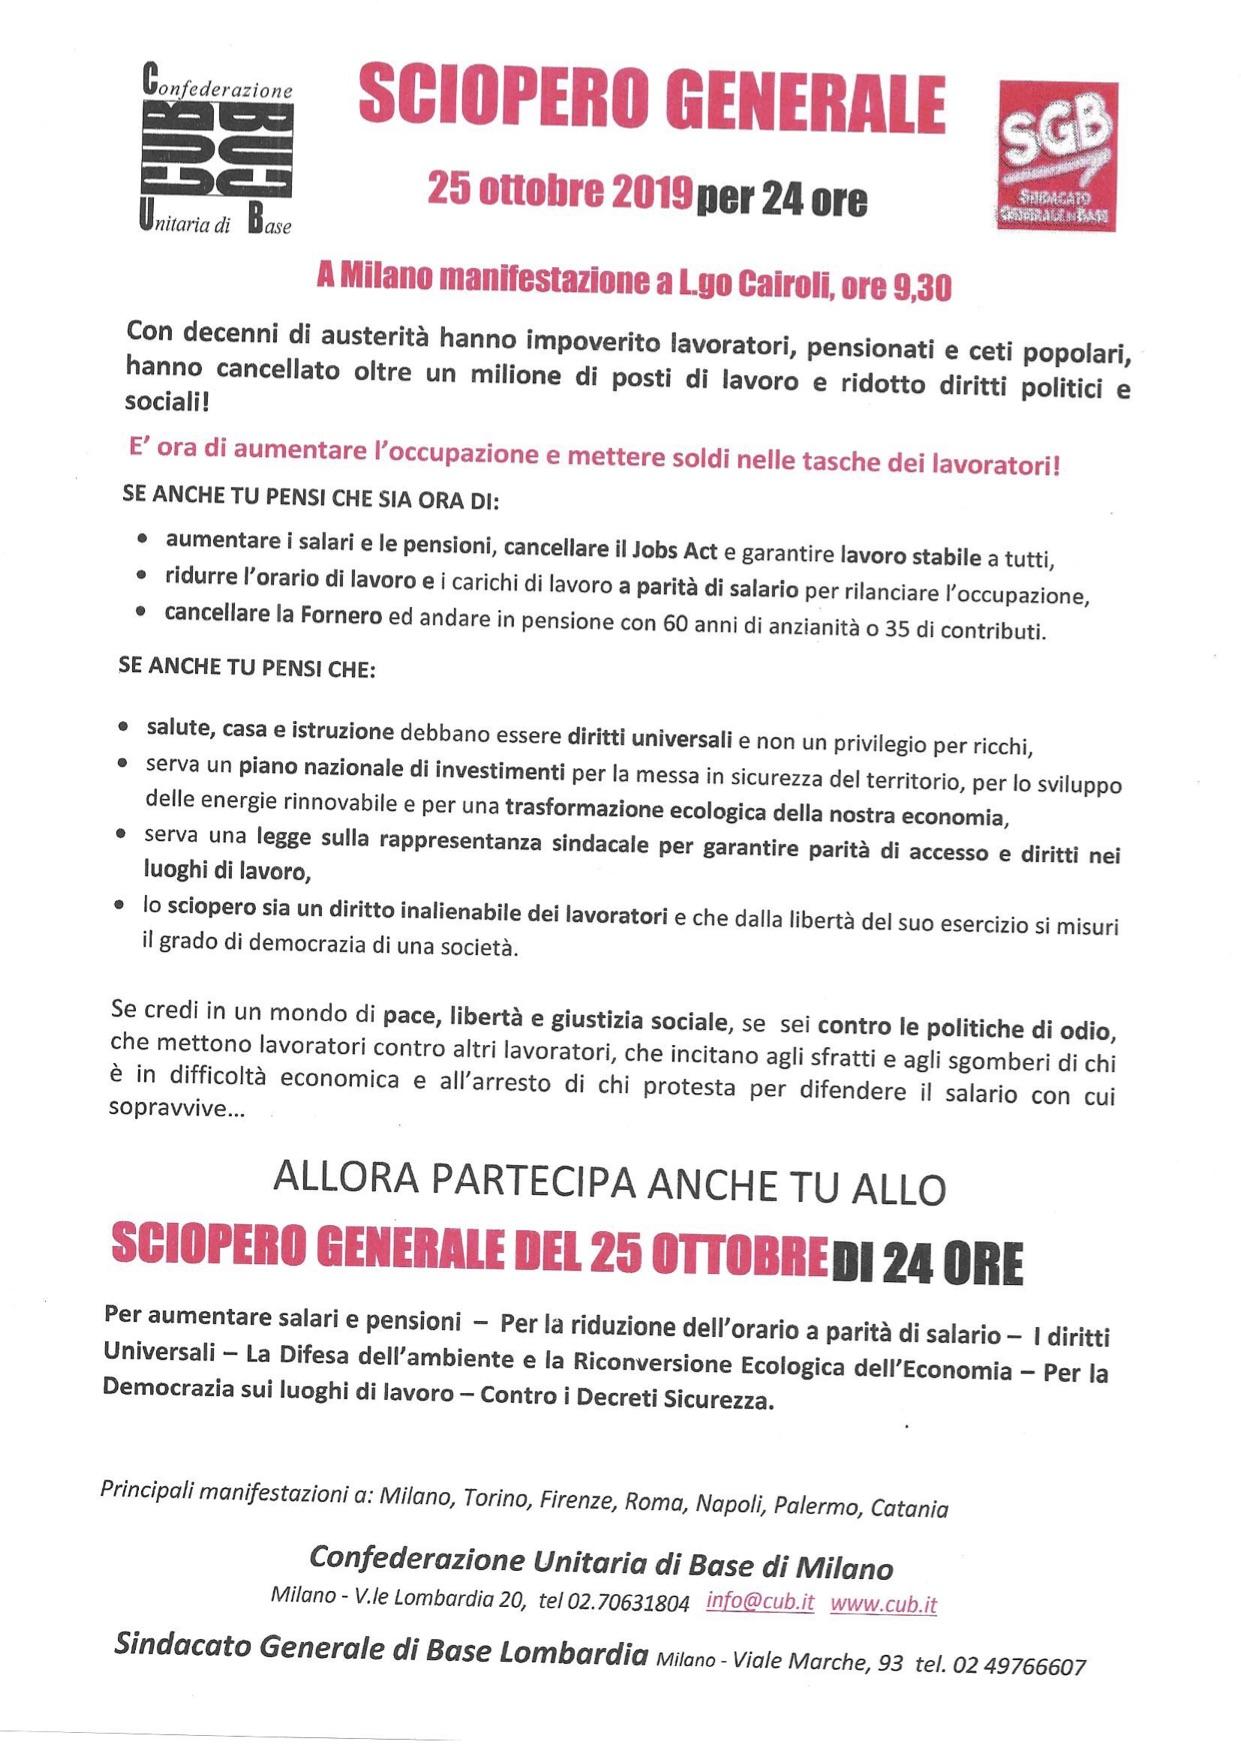 sciopero generale 25 ottobre 19